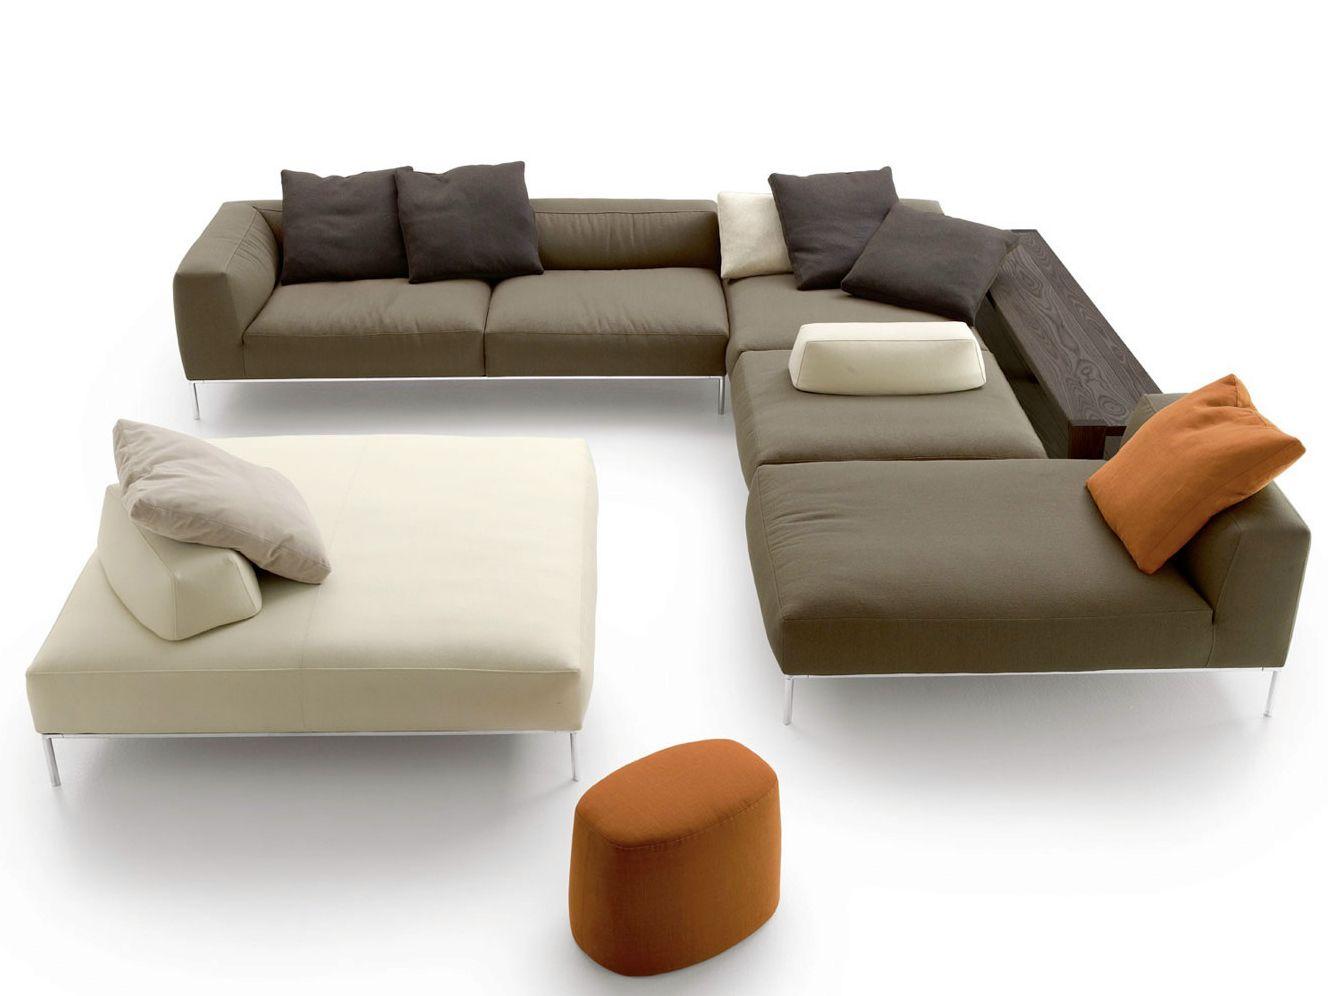 Divano angolare componibile idee per il design della casa - Divano angolare ...